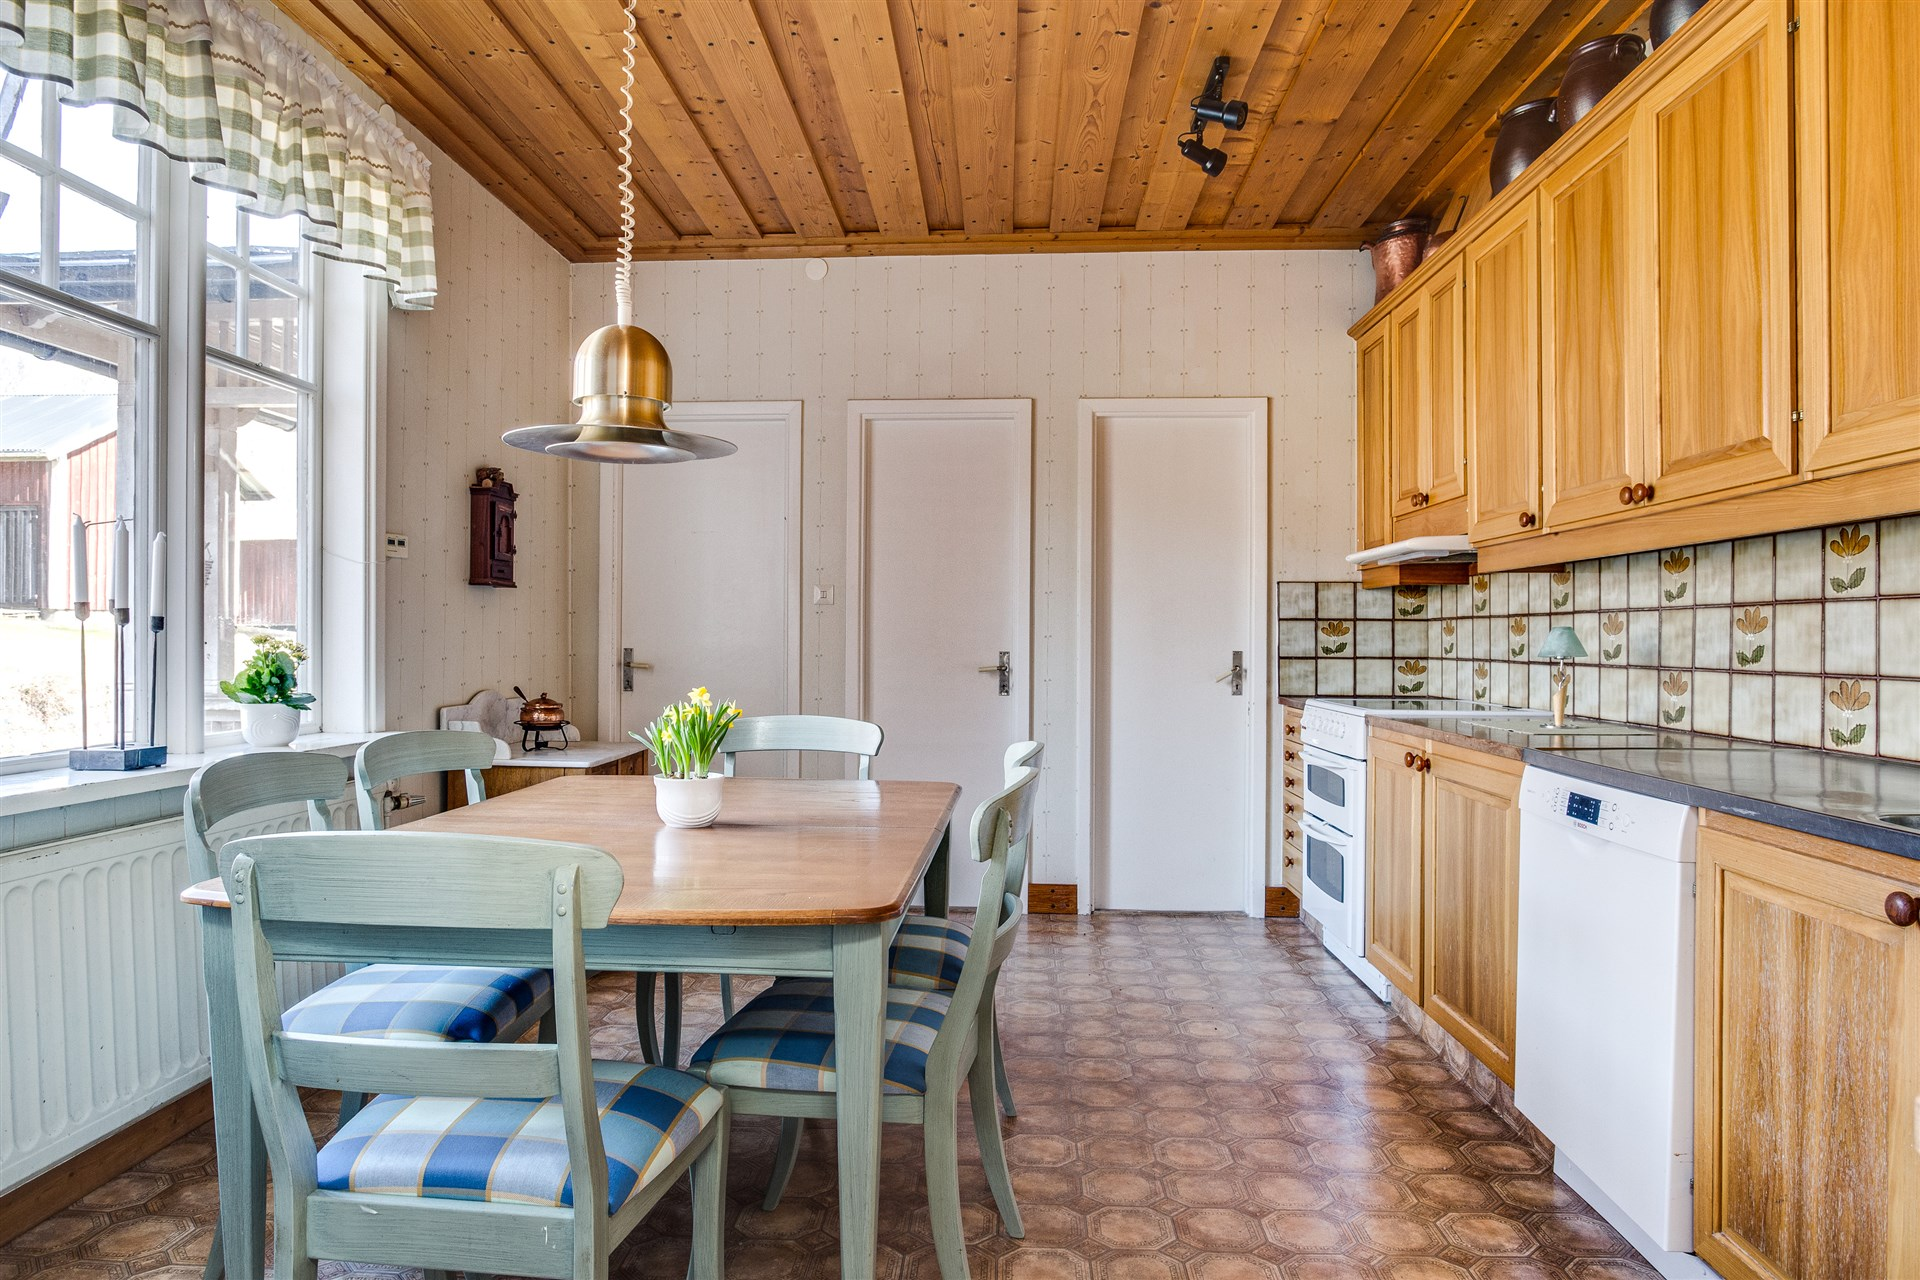 Kök med luckor i träslaget Alm. I köket finns uppgång till vindsdel 2 och utgång till baksidan, nedgång till källaren samt stort skafferi att gå in in med bra förvaring och arbetsbänk med över- och underskåp.